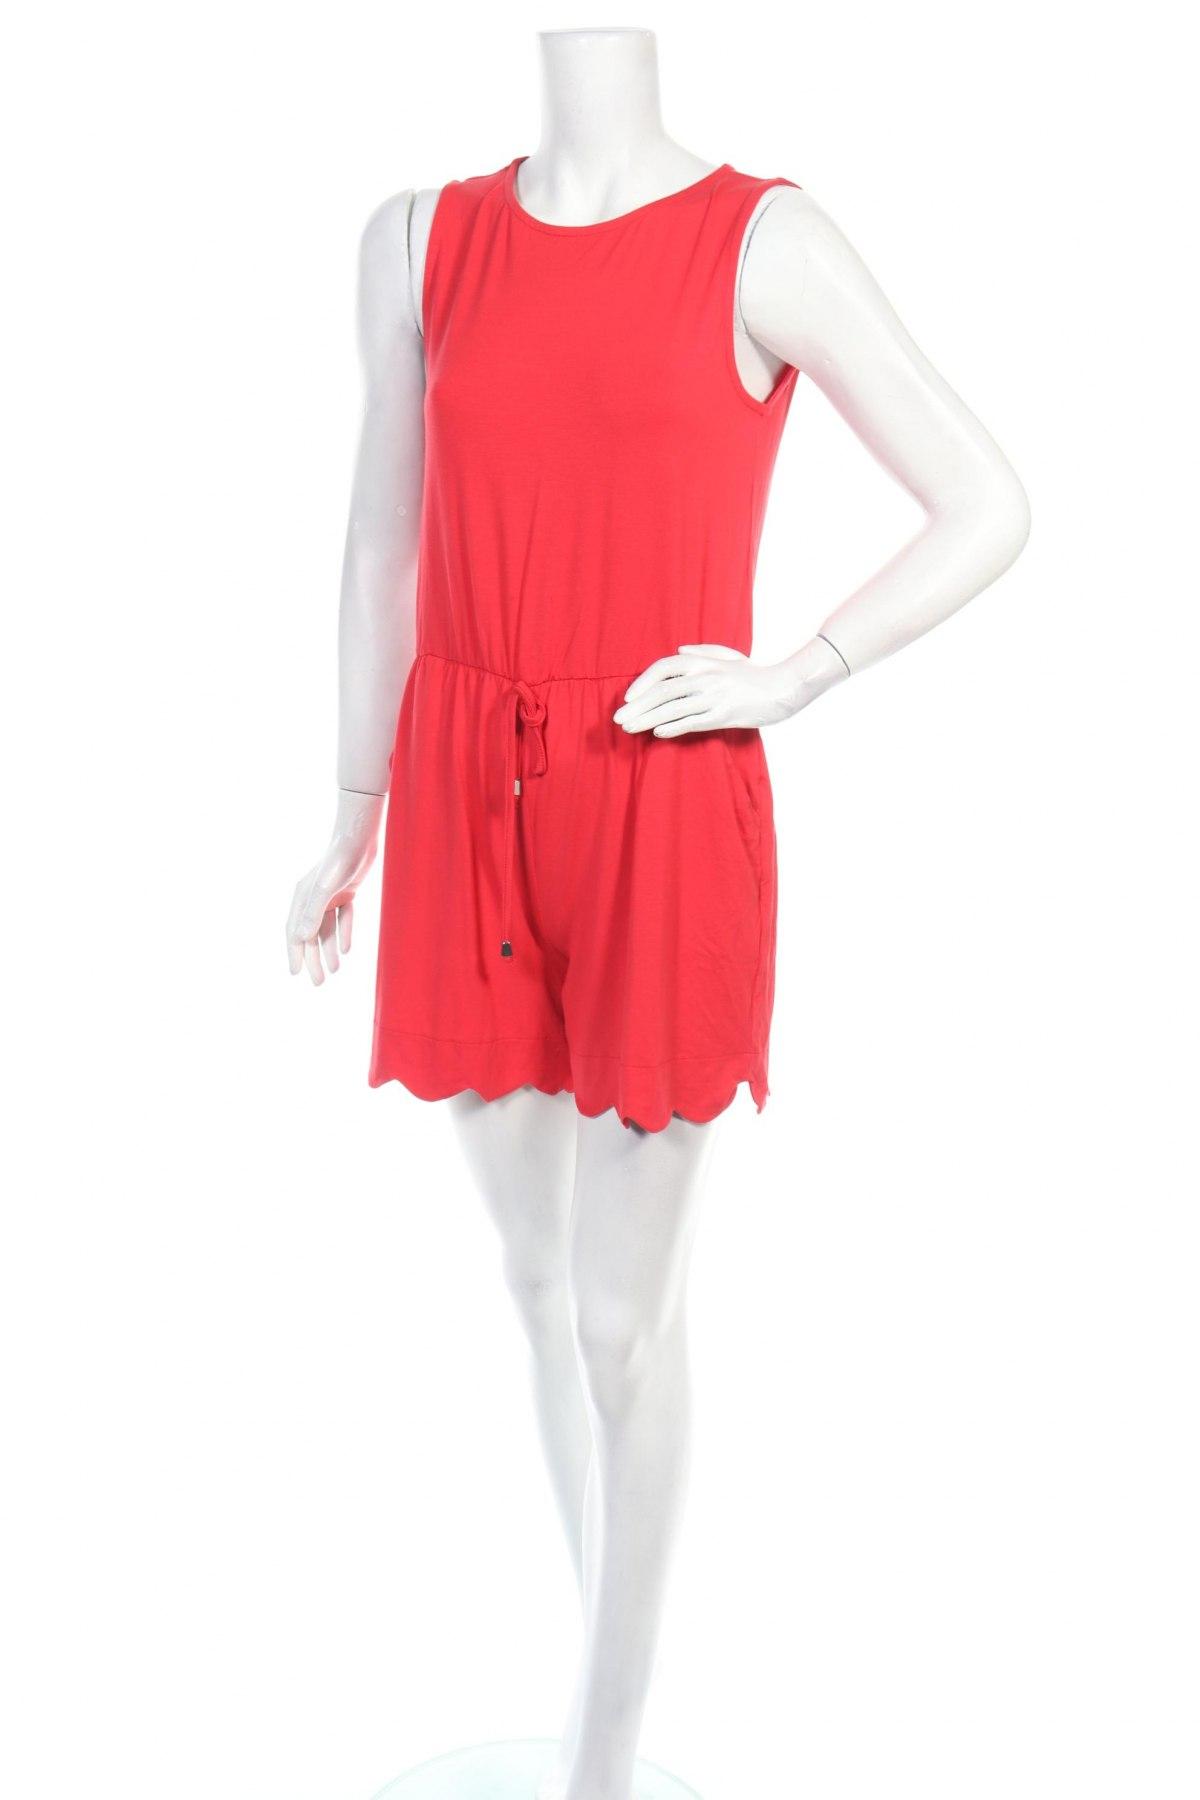 Γυναικεία σαλοπέτα About You, Μέγεθος M, Χρώμα Κόκκινο, 95% βισκόζη, 5% ελαστάνη, Τιμή 11,34€